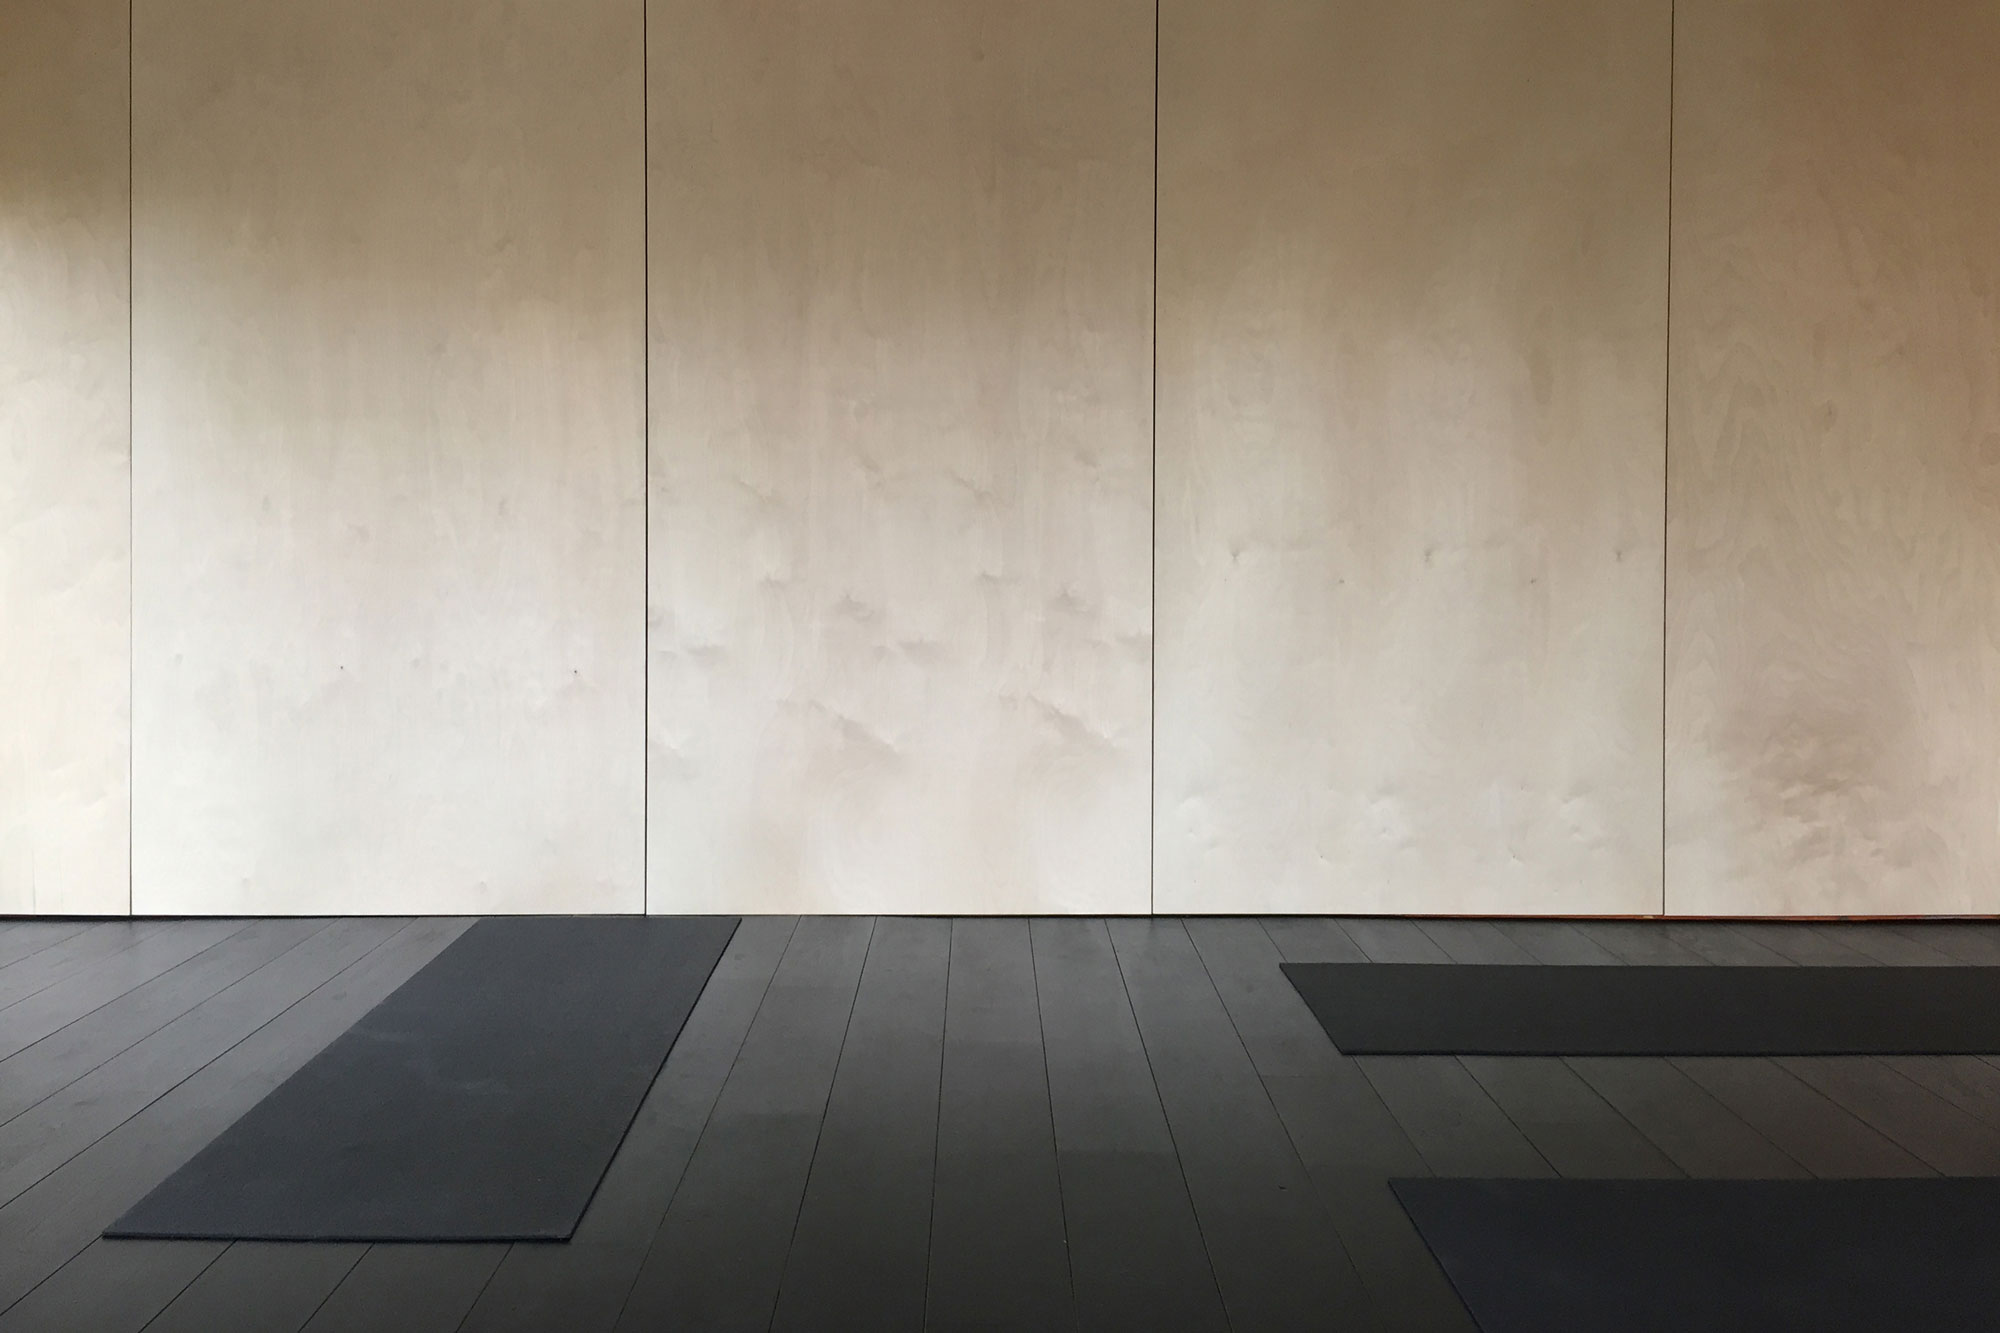 Aménager Une Salle De Yoga salle de yoga - fairfax